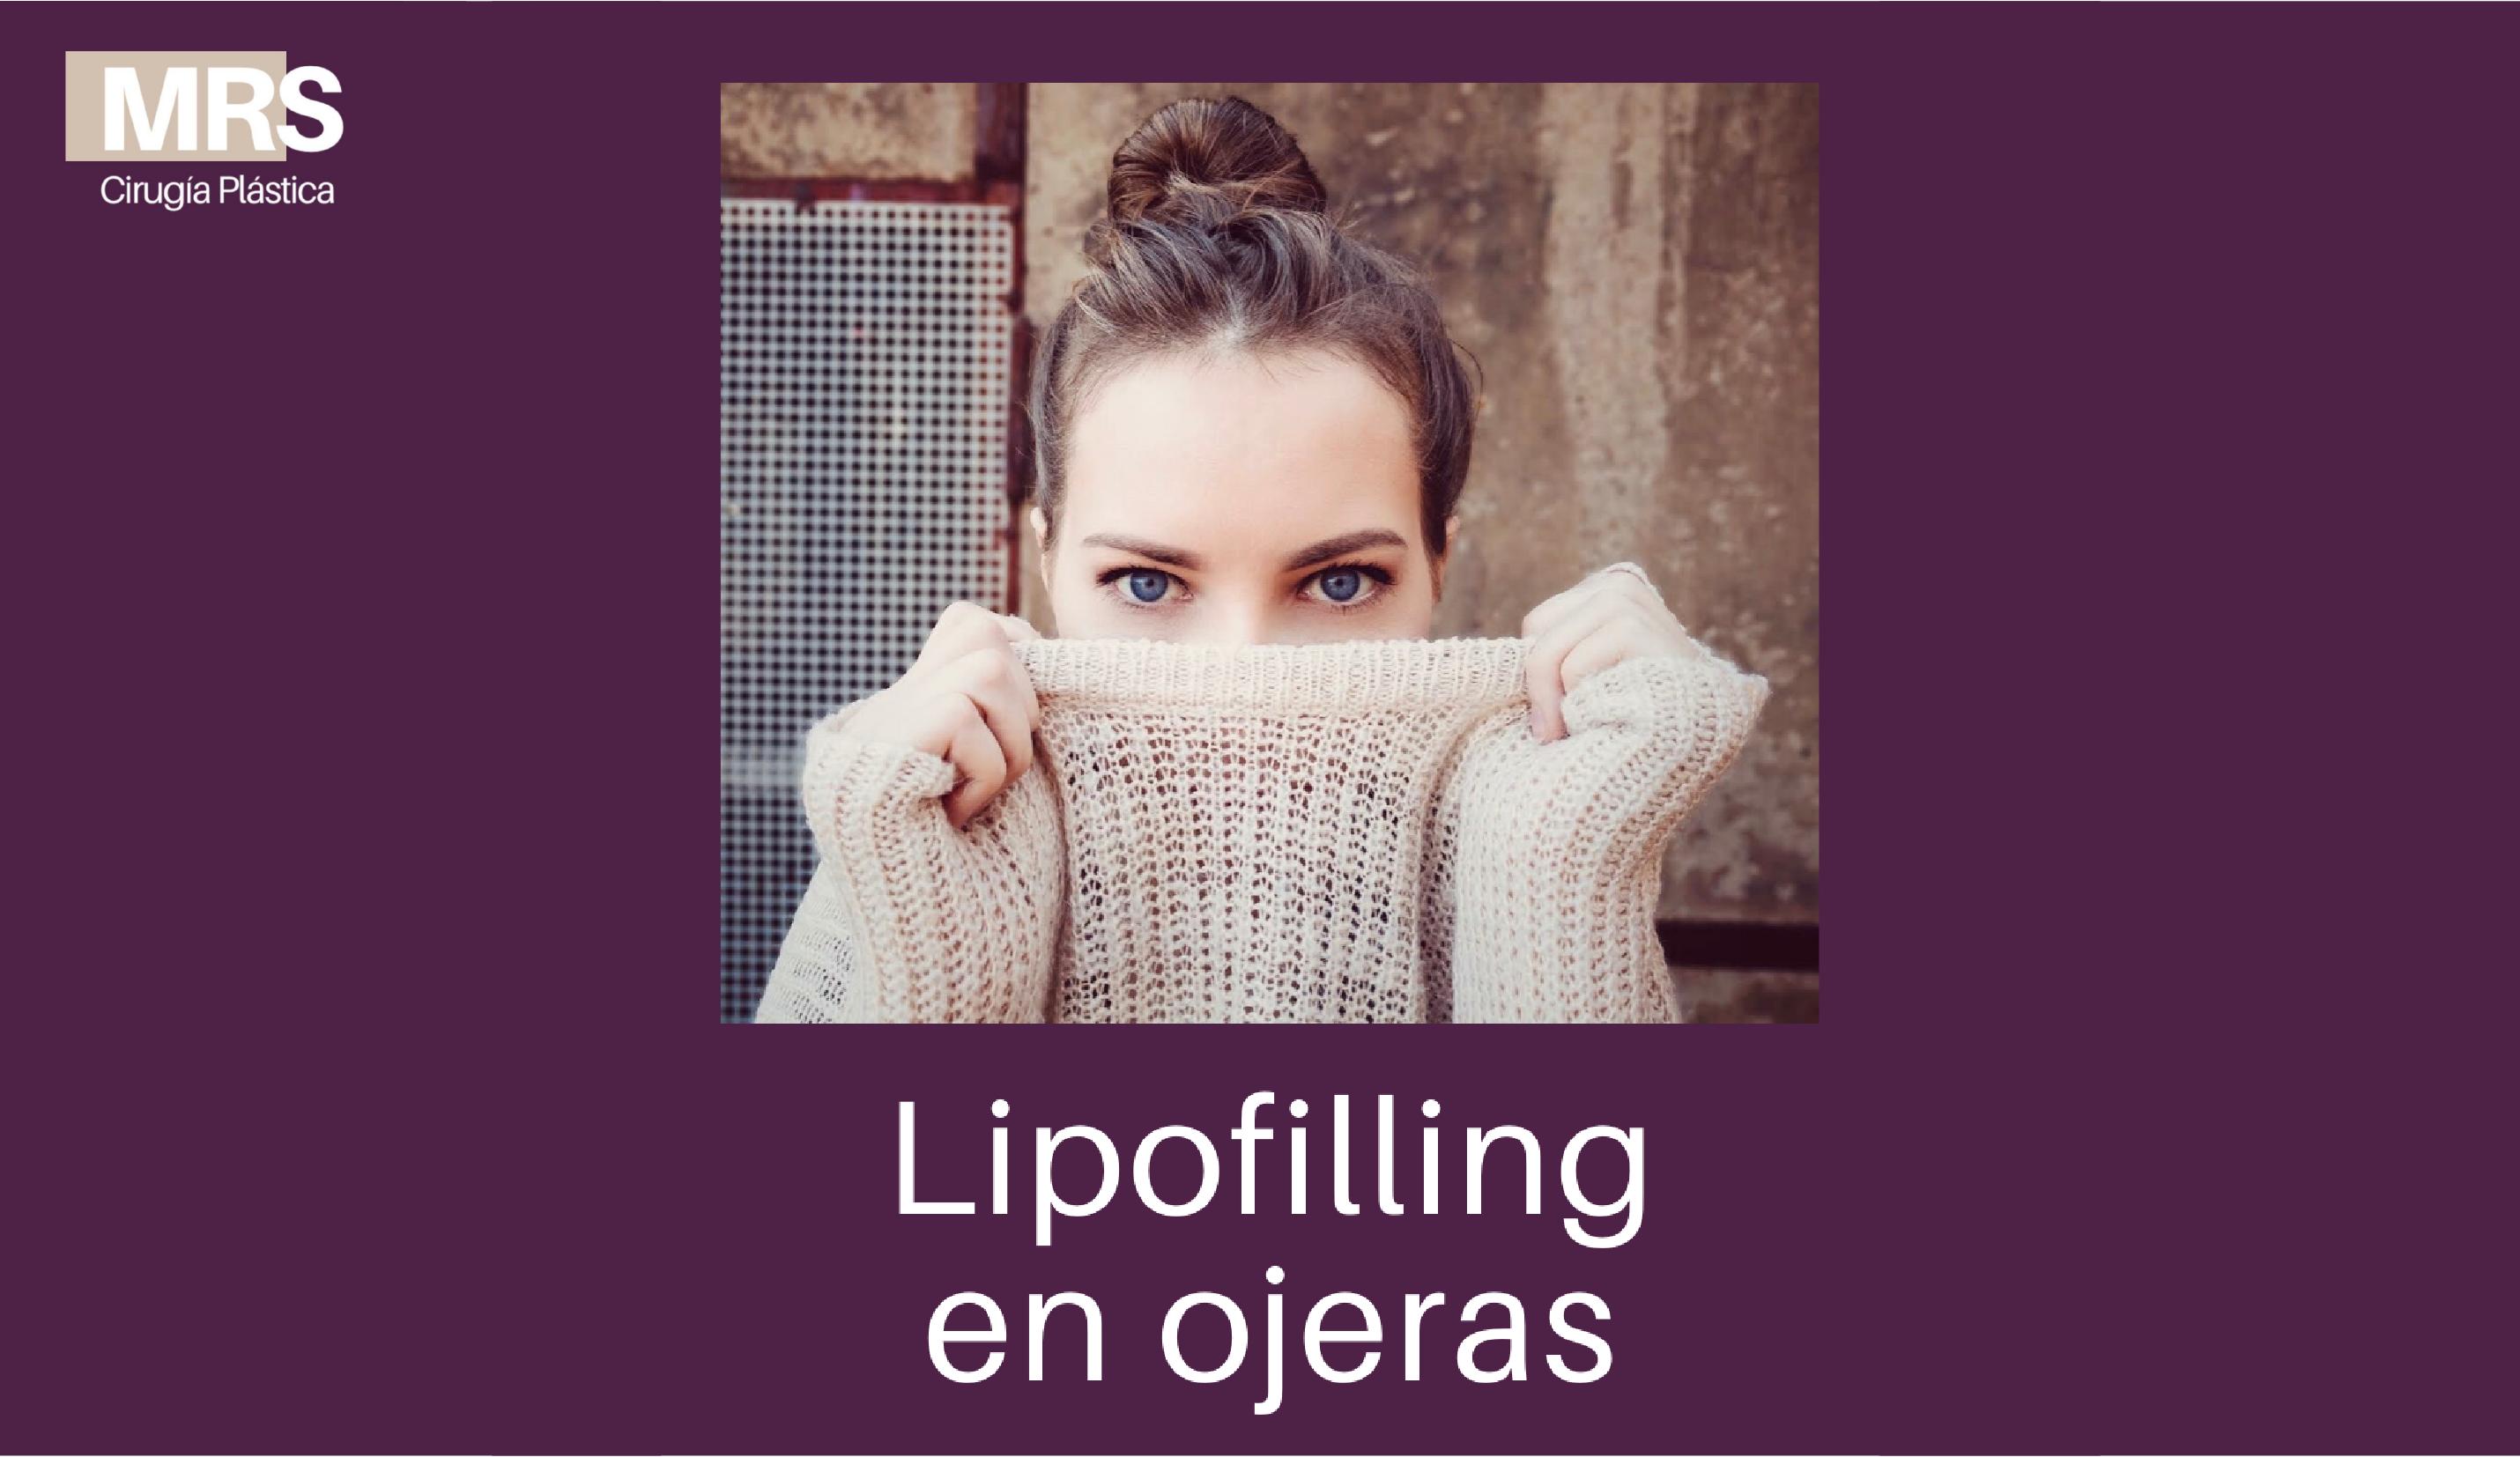 LIPO OJERAS WEB-01